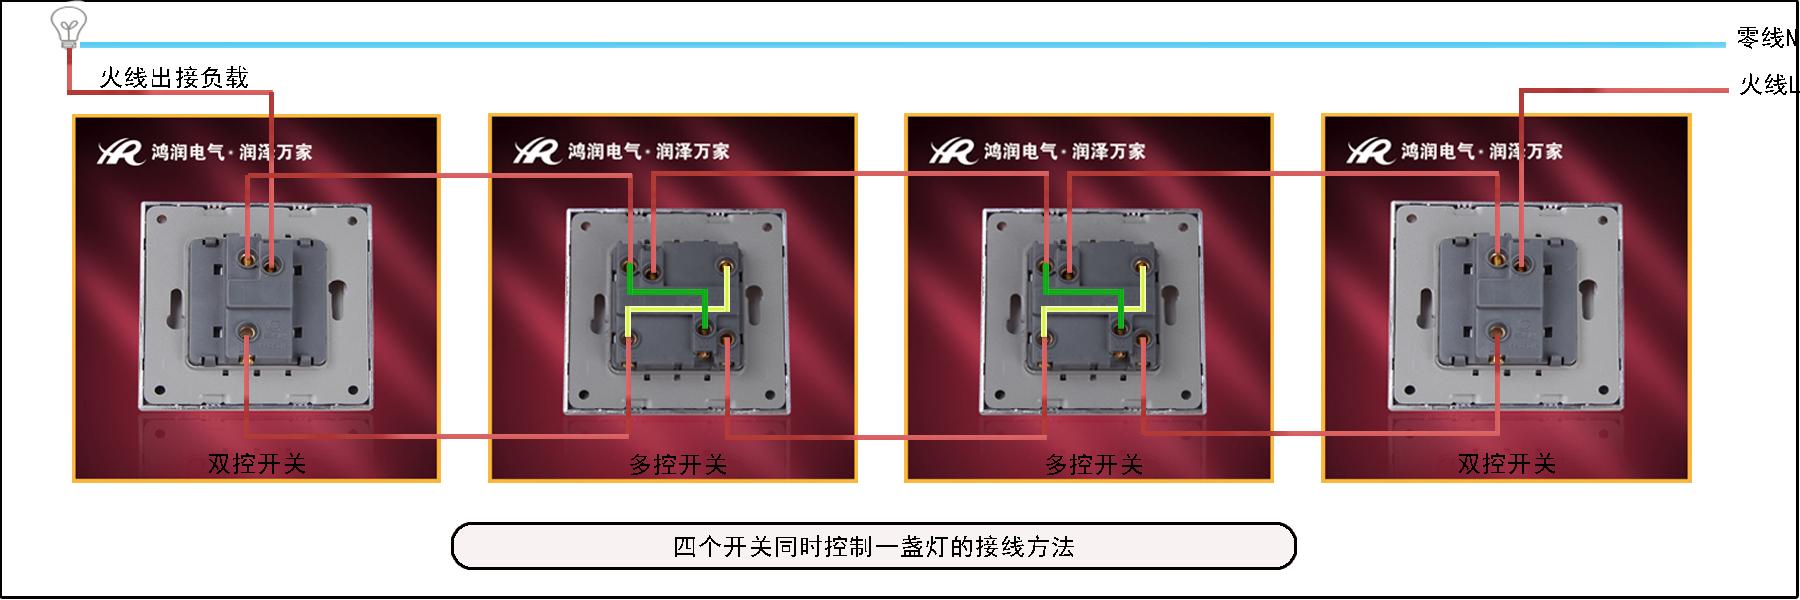 四个开关控制一盏灯接线图